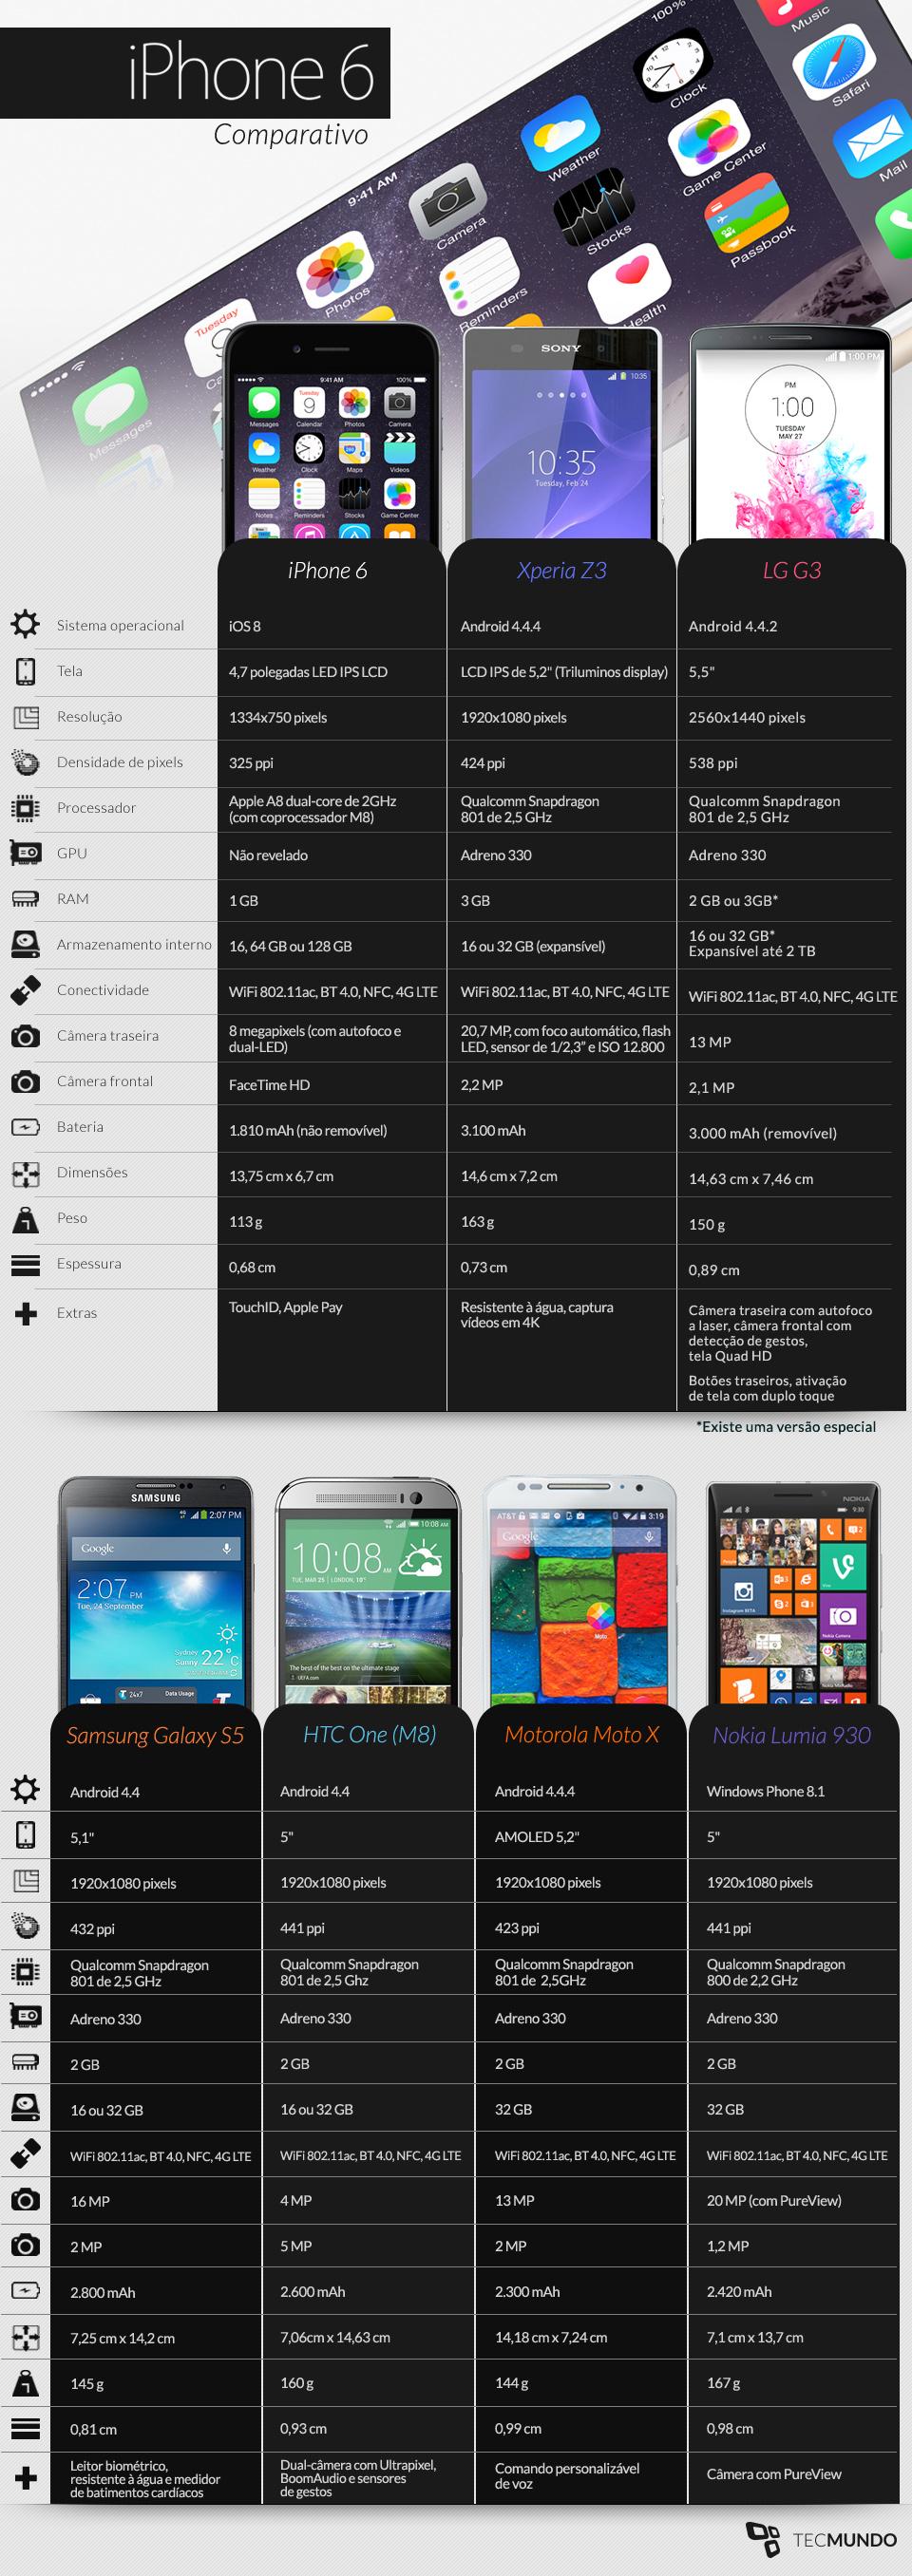 Comparação: iPhone 6 contra os principais smartphones do mercado